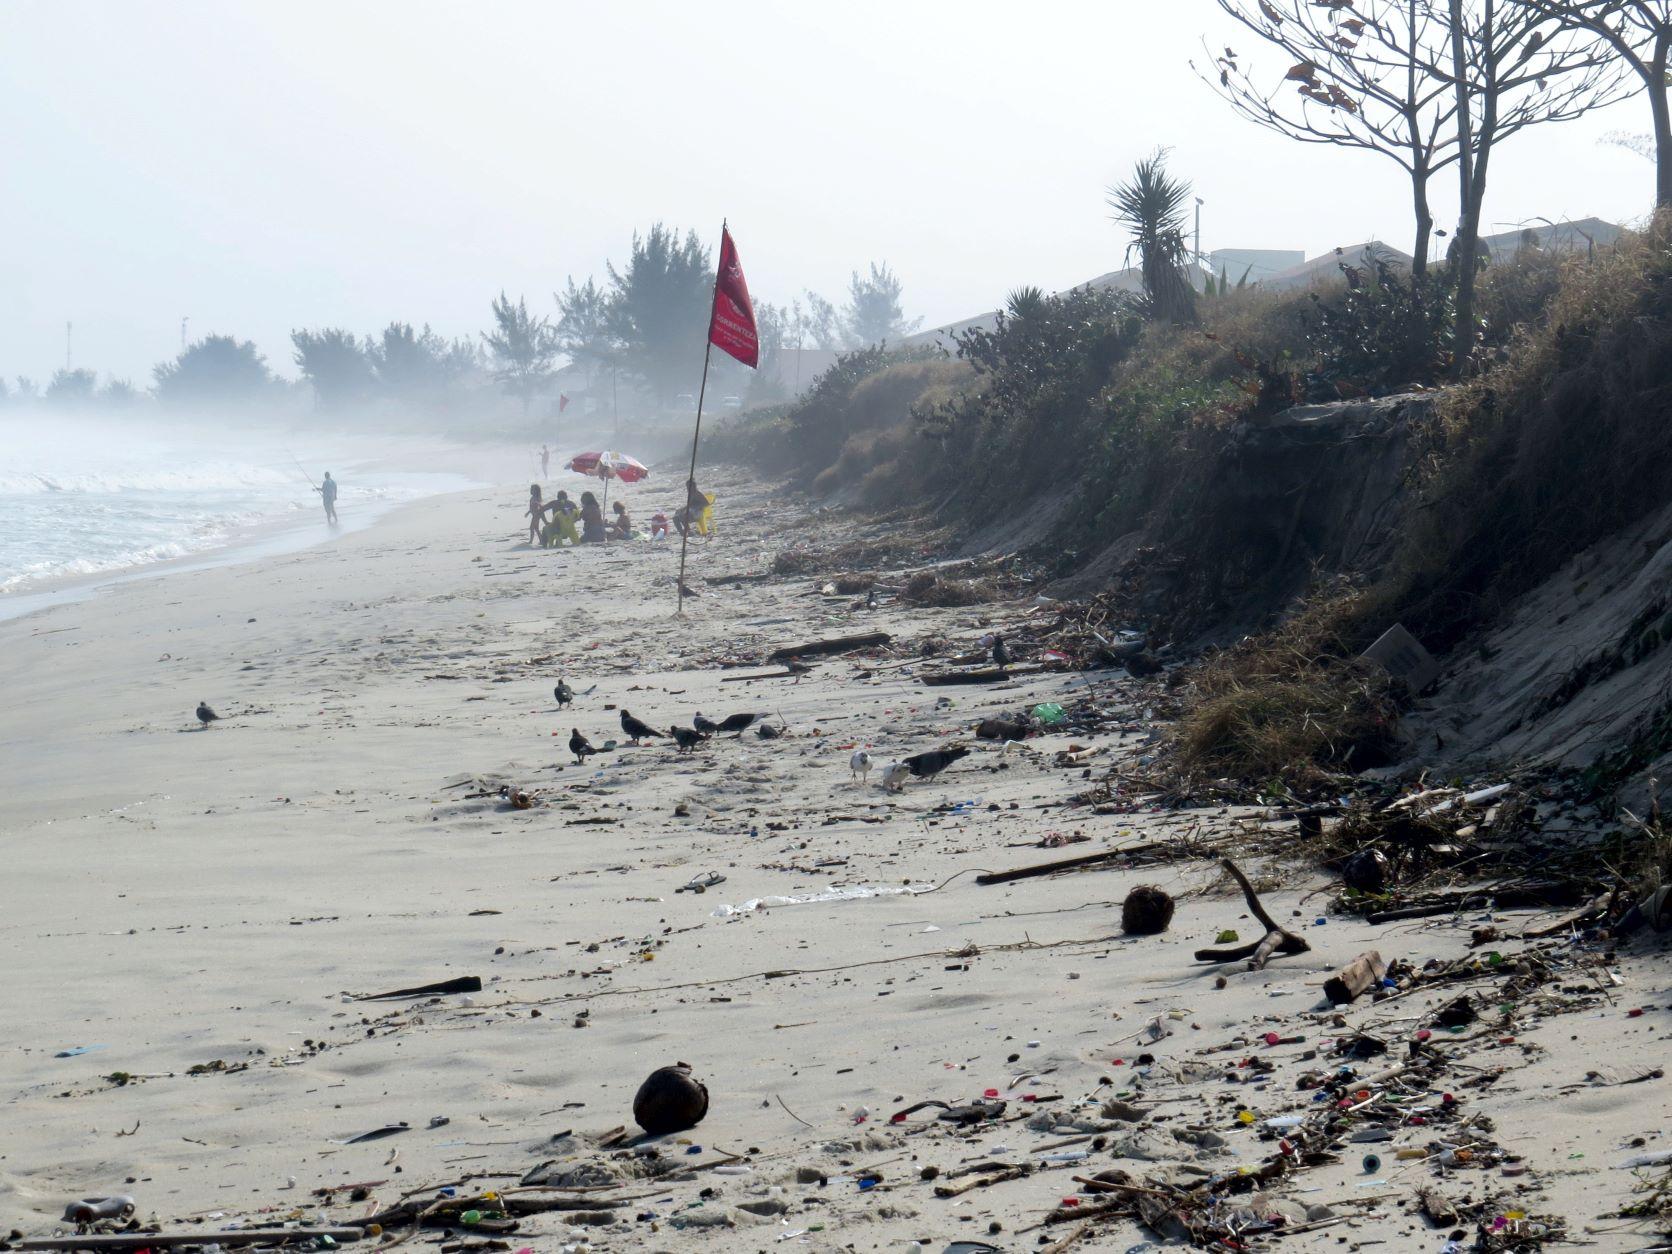 Danos na praia de Ponta Negra, Maricá, perto do empreendimento portuário, após ressaca em 2016: pesquisadores temem impacto da obra em litoral vulnerável (Foto: André Luiz Carvalho da Silva - 2016)